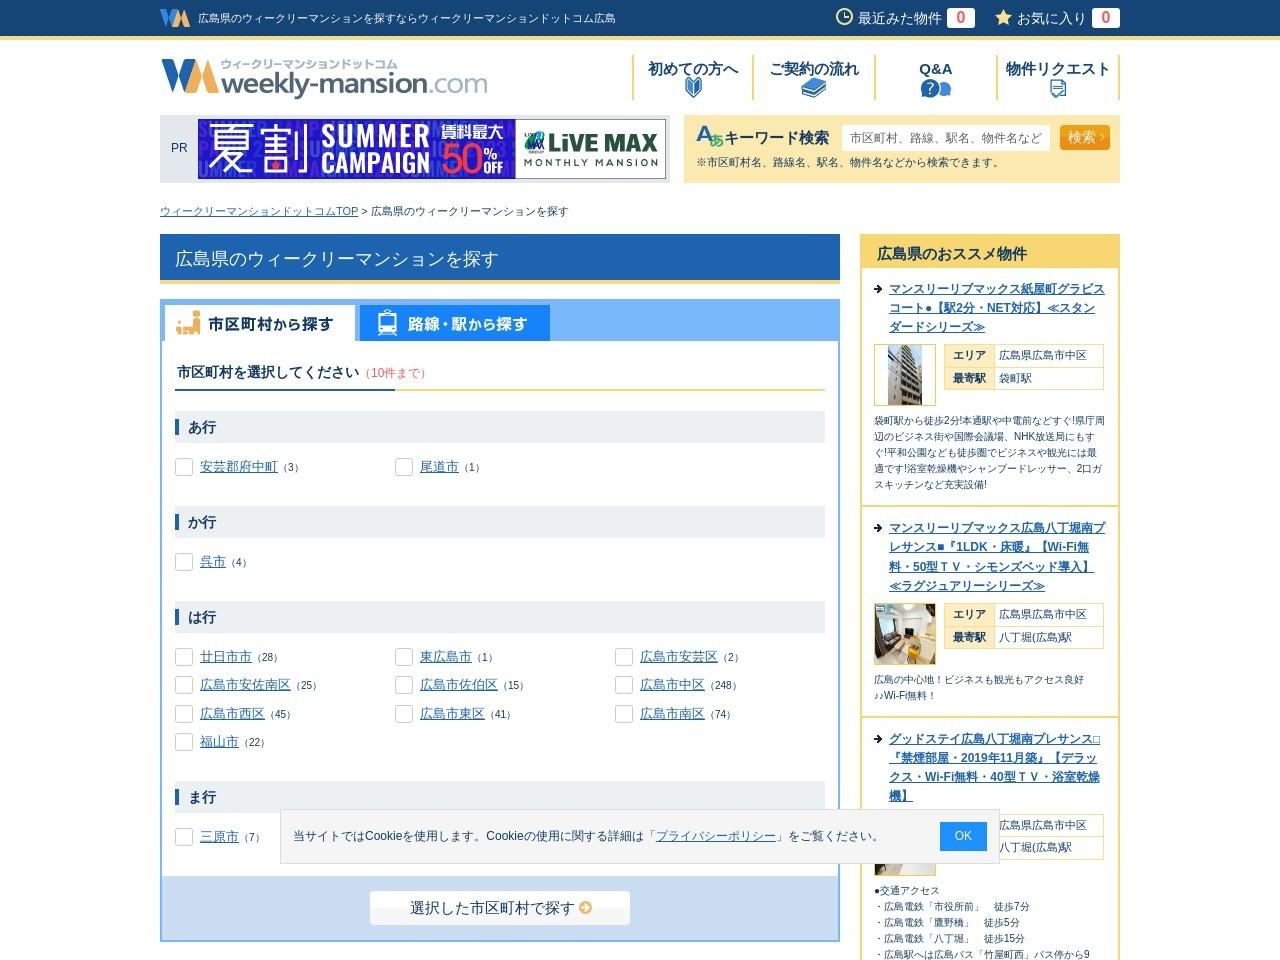 ウィークリーマンションドットコム広島